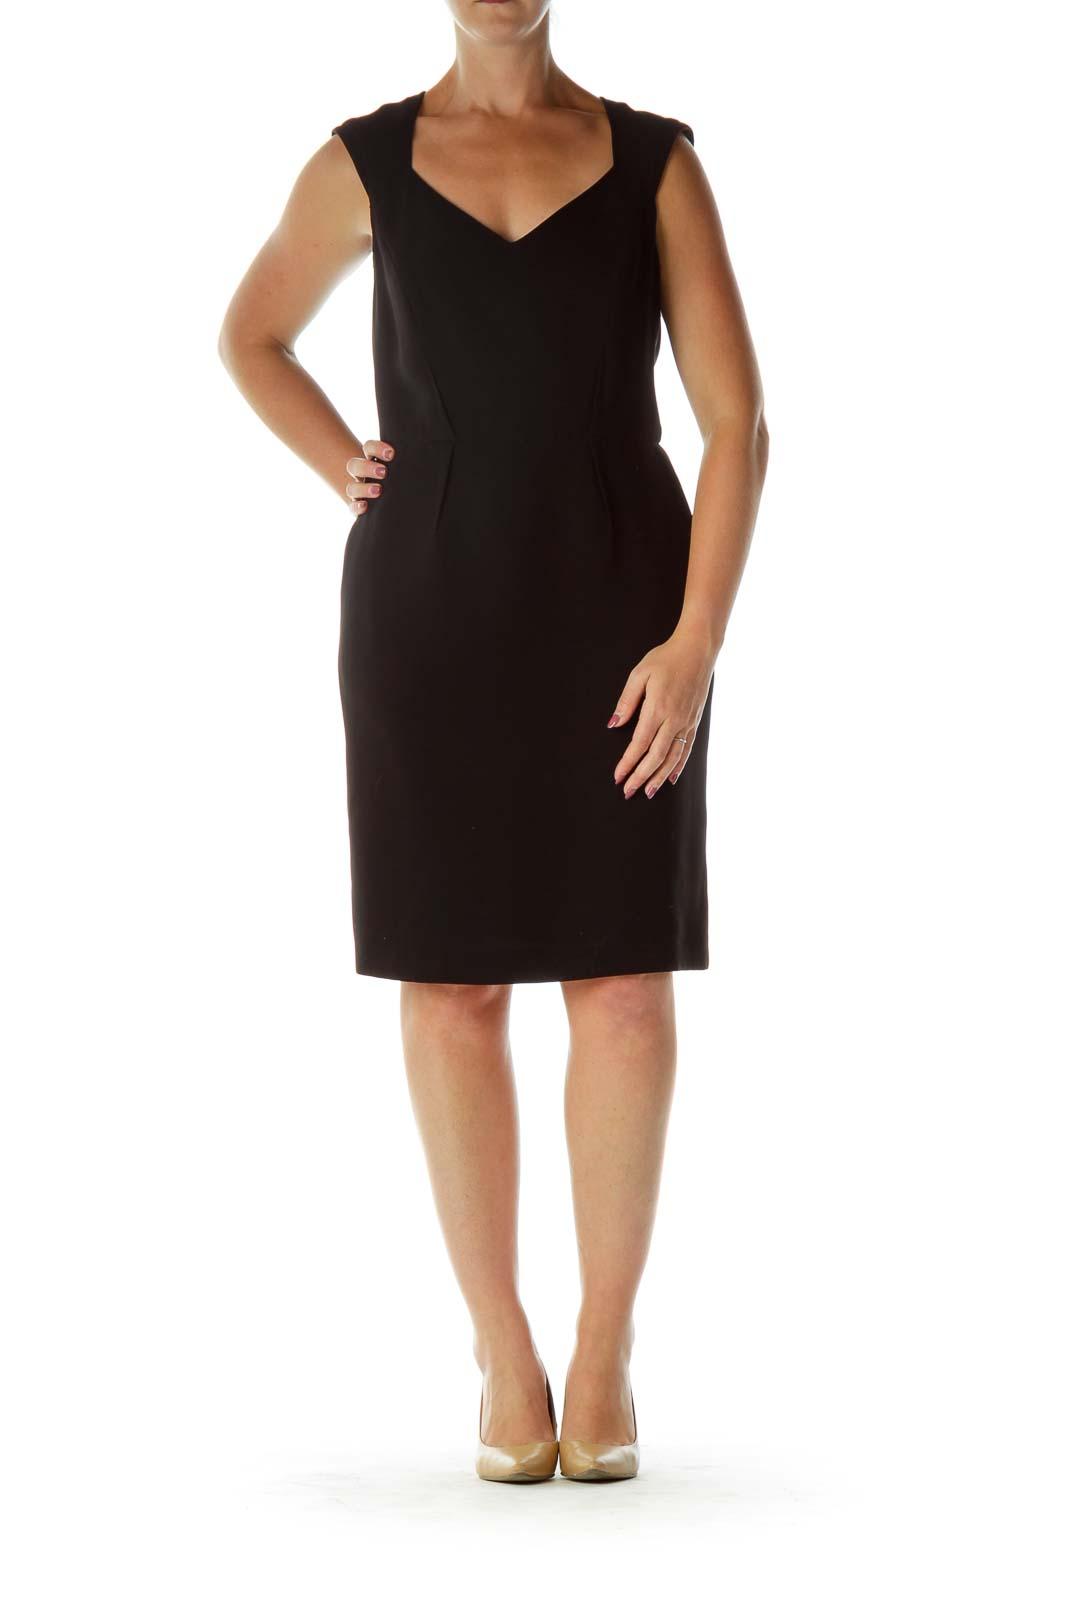 Black Structured Work Dress